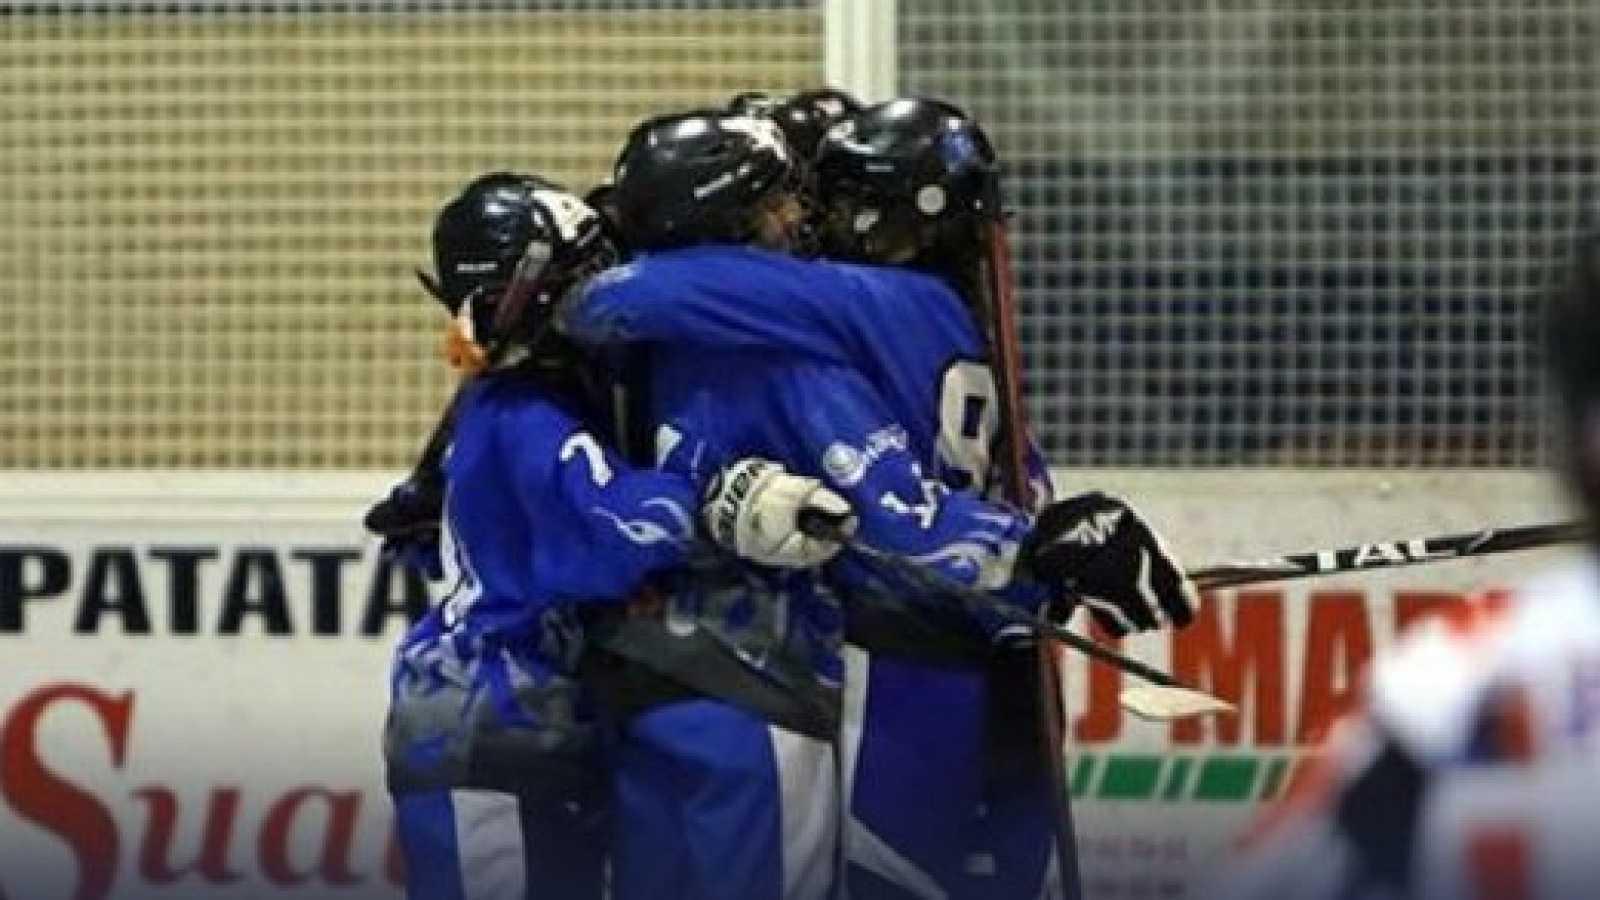 La Federación de patinaje celebra el éxito de Patinamos en casa